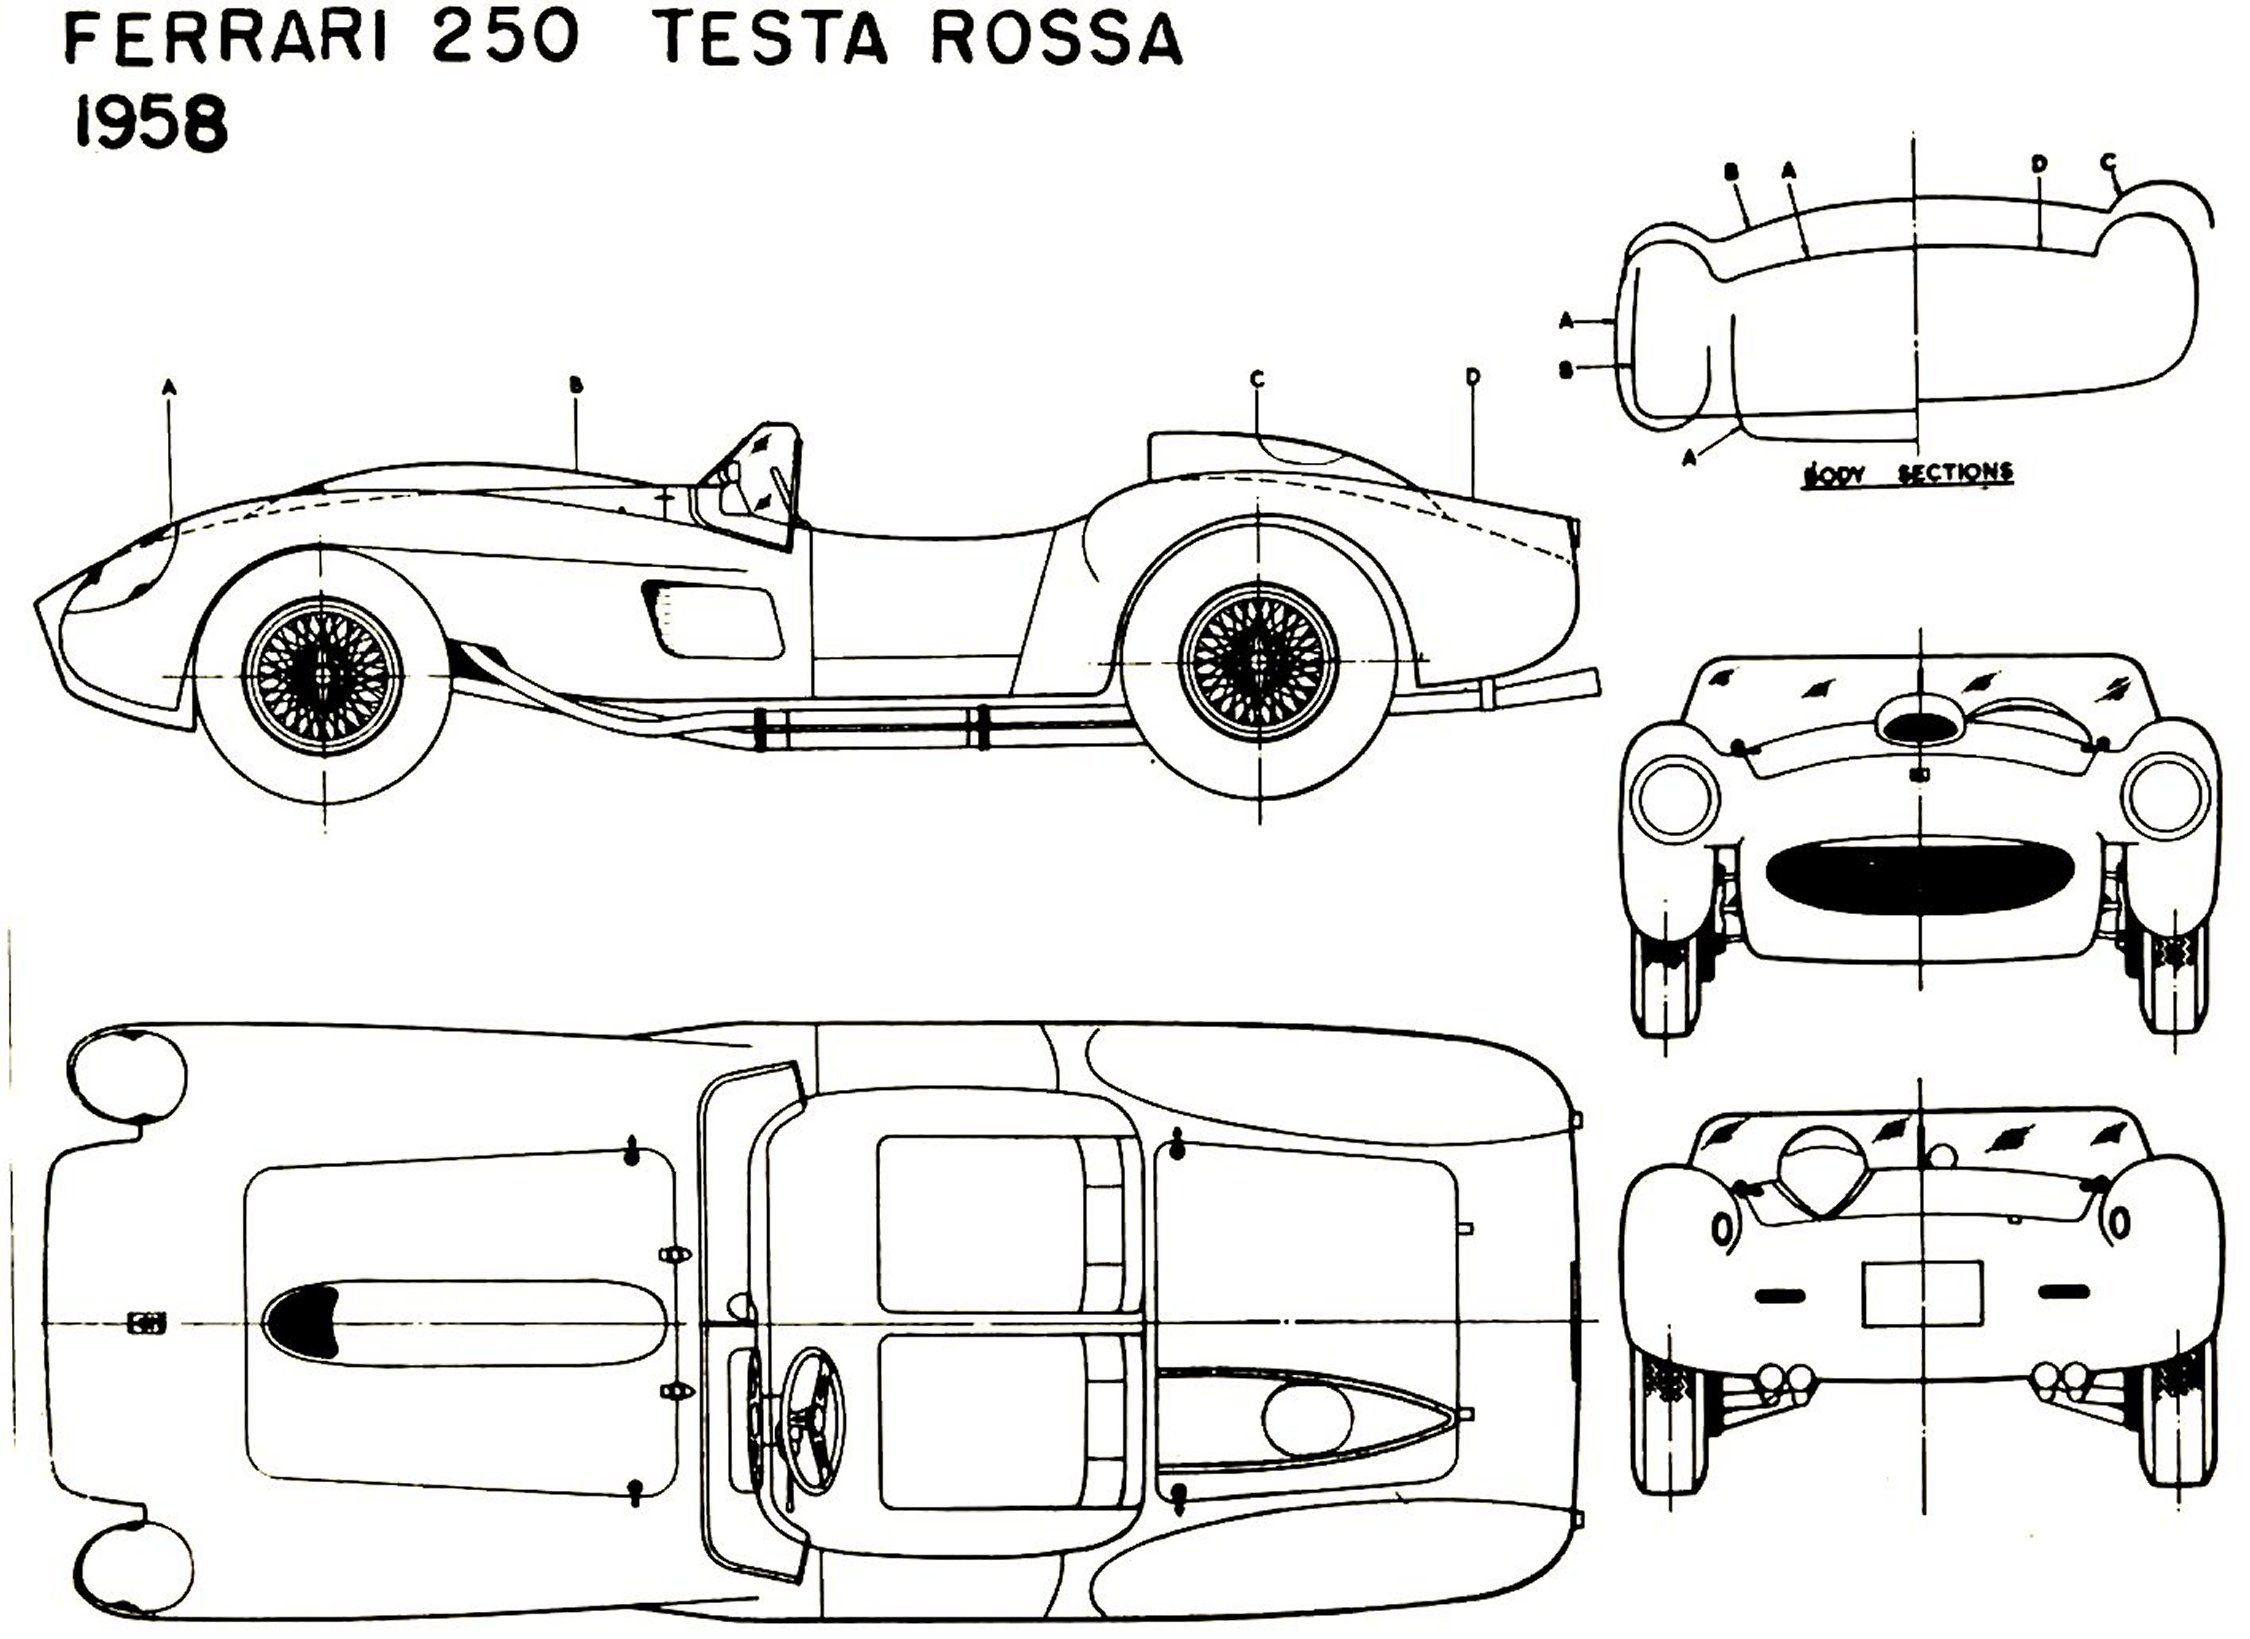 Ferrari 250 Testarossa blueprint | Cars! | Pinterest | Ferrari, Le ...